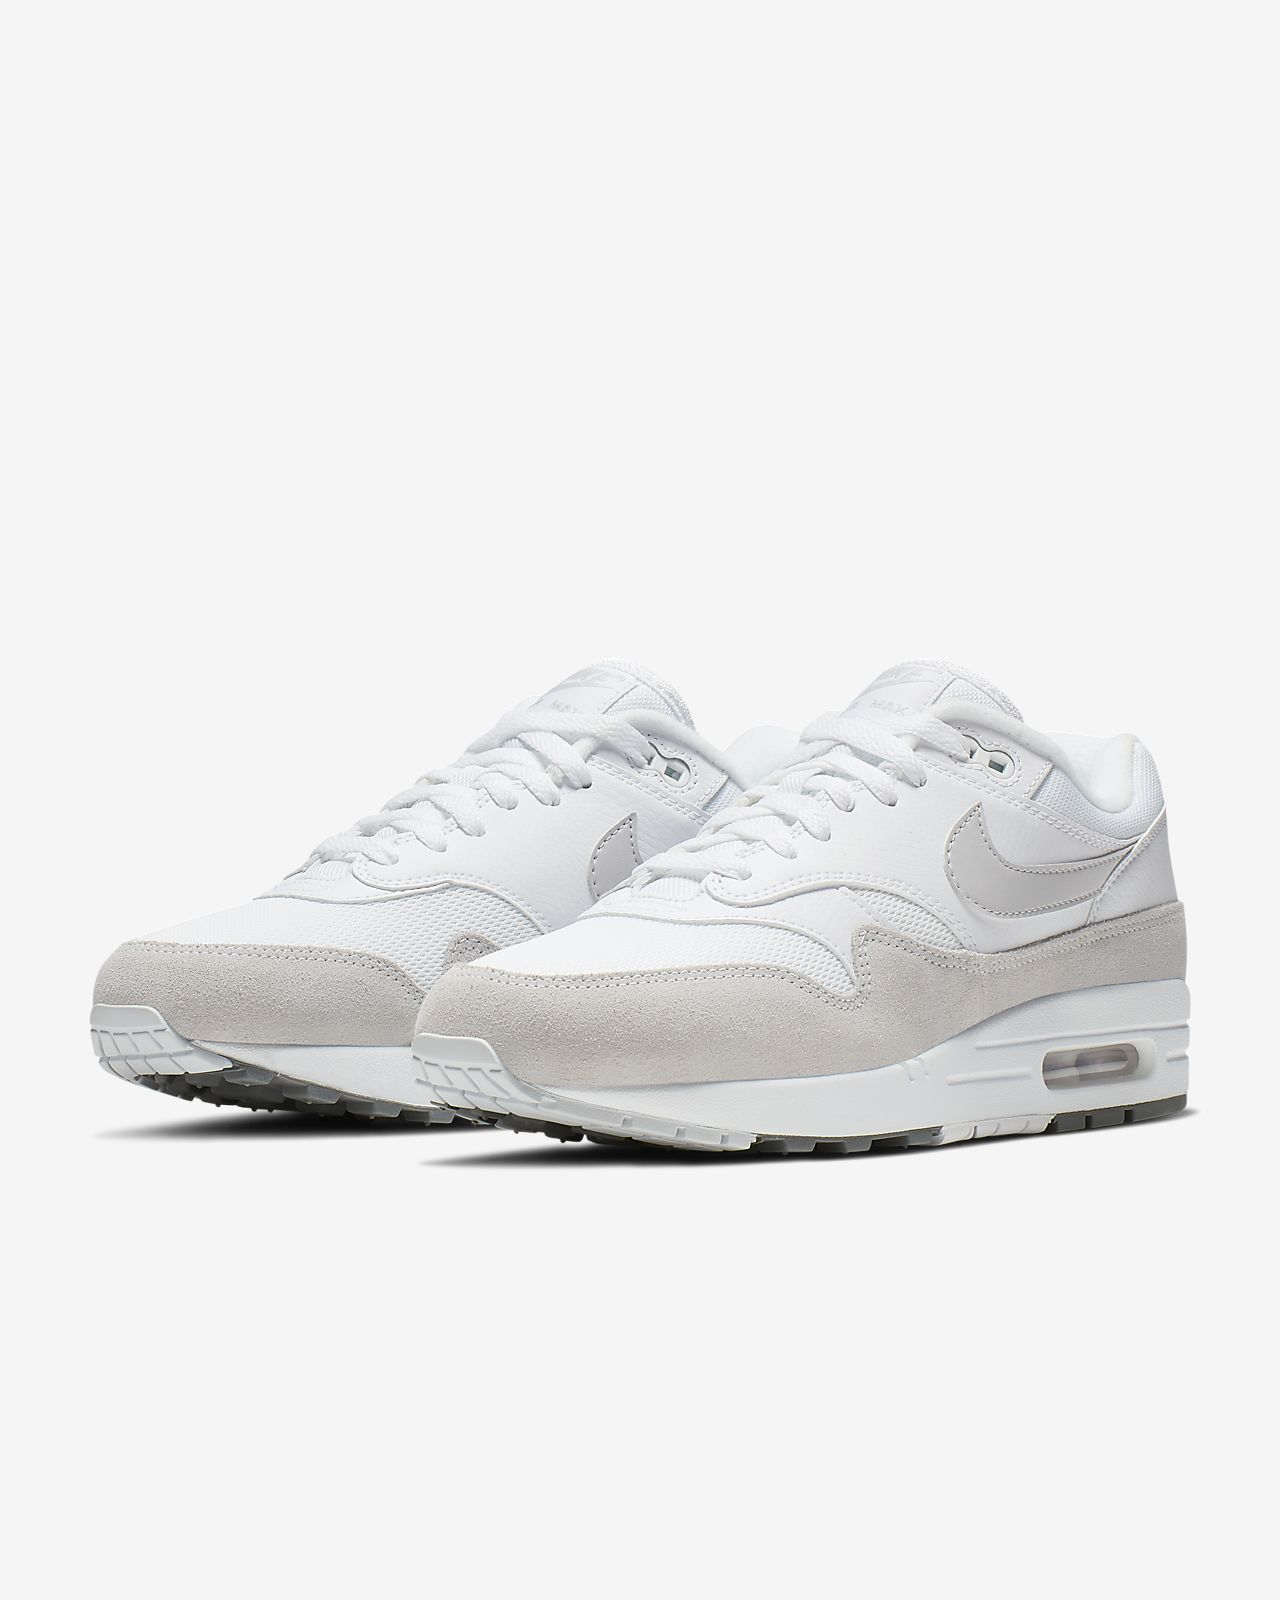 save off 53e39 51279 ... Sko Nike Air Max 1 för män